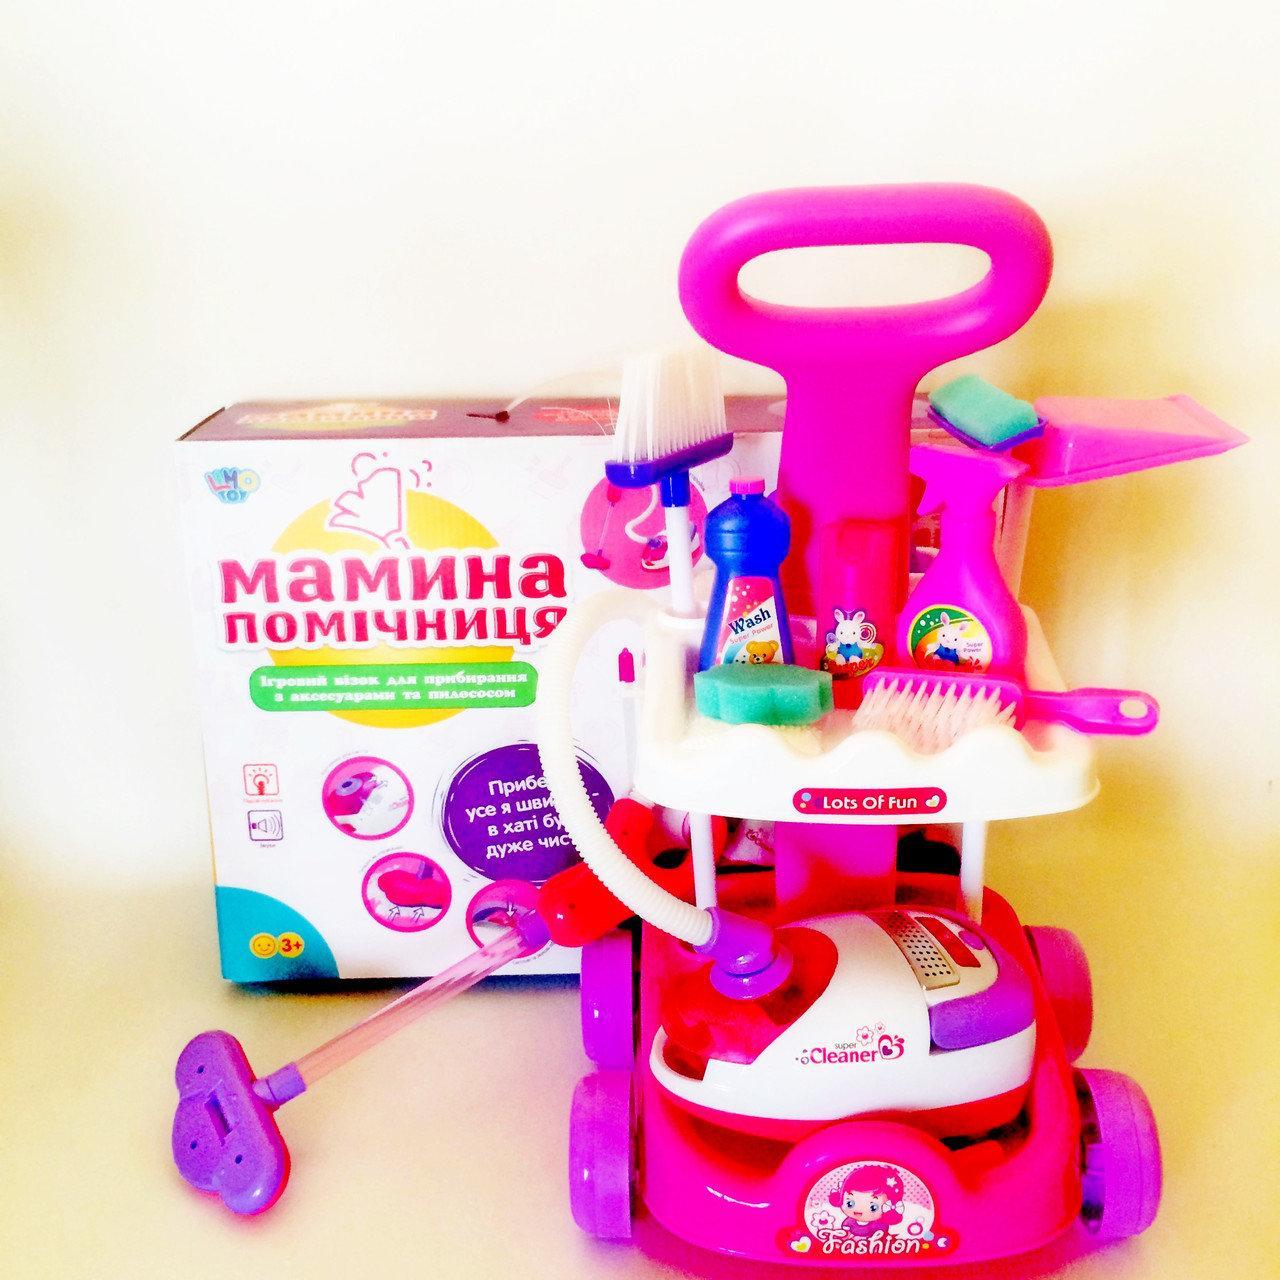 Детский игровой набор для уборки арт.5938, пылесос, тележка